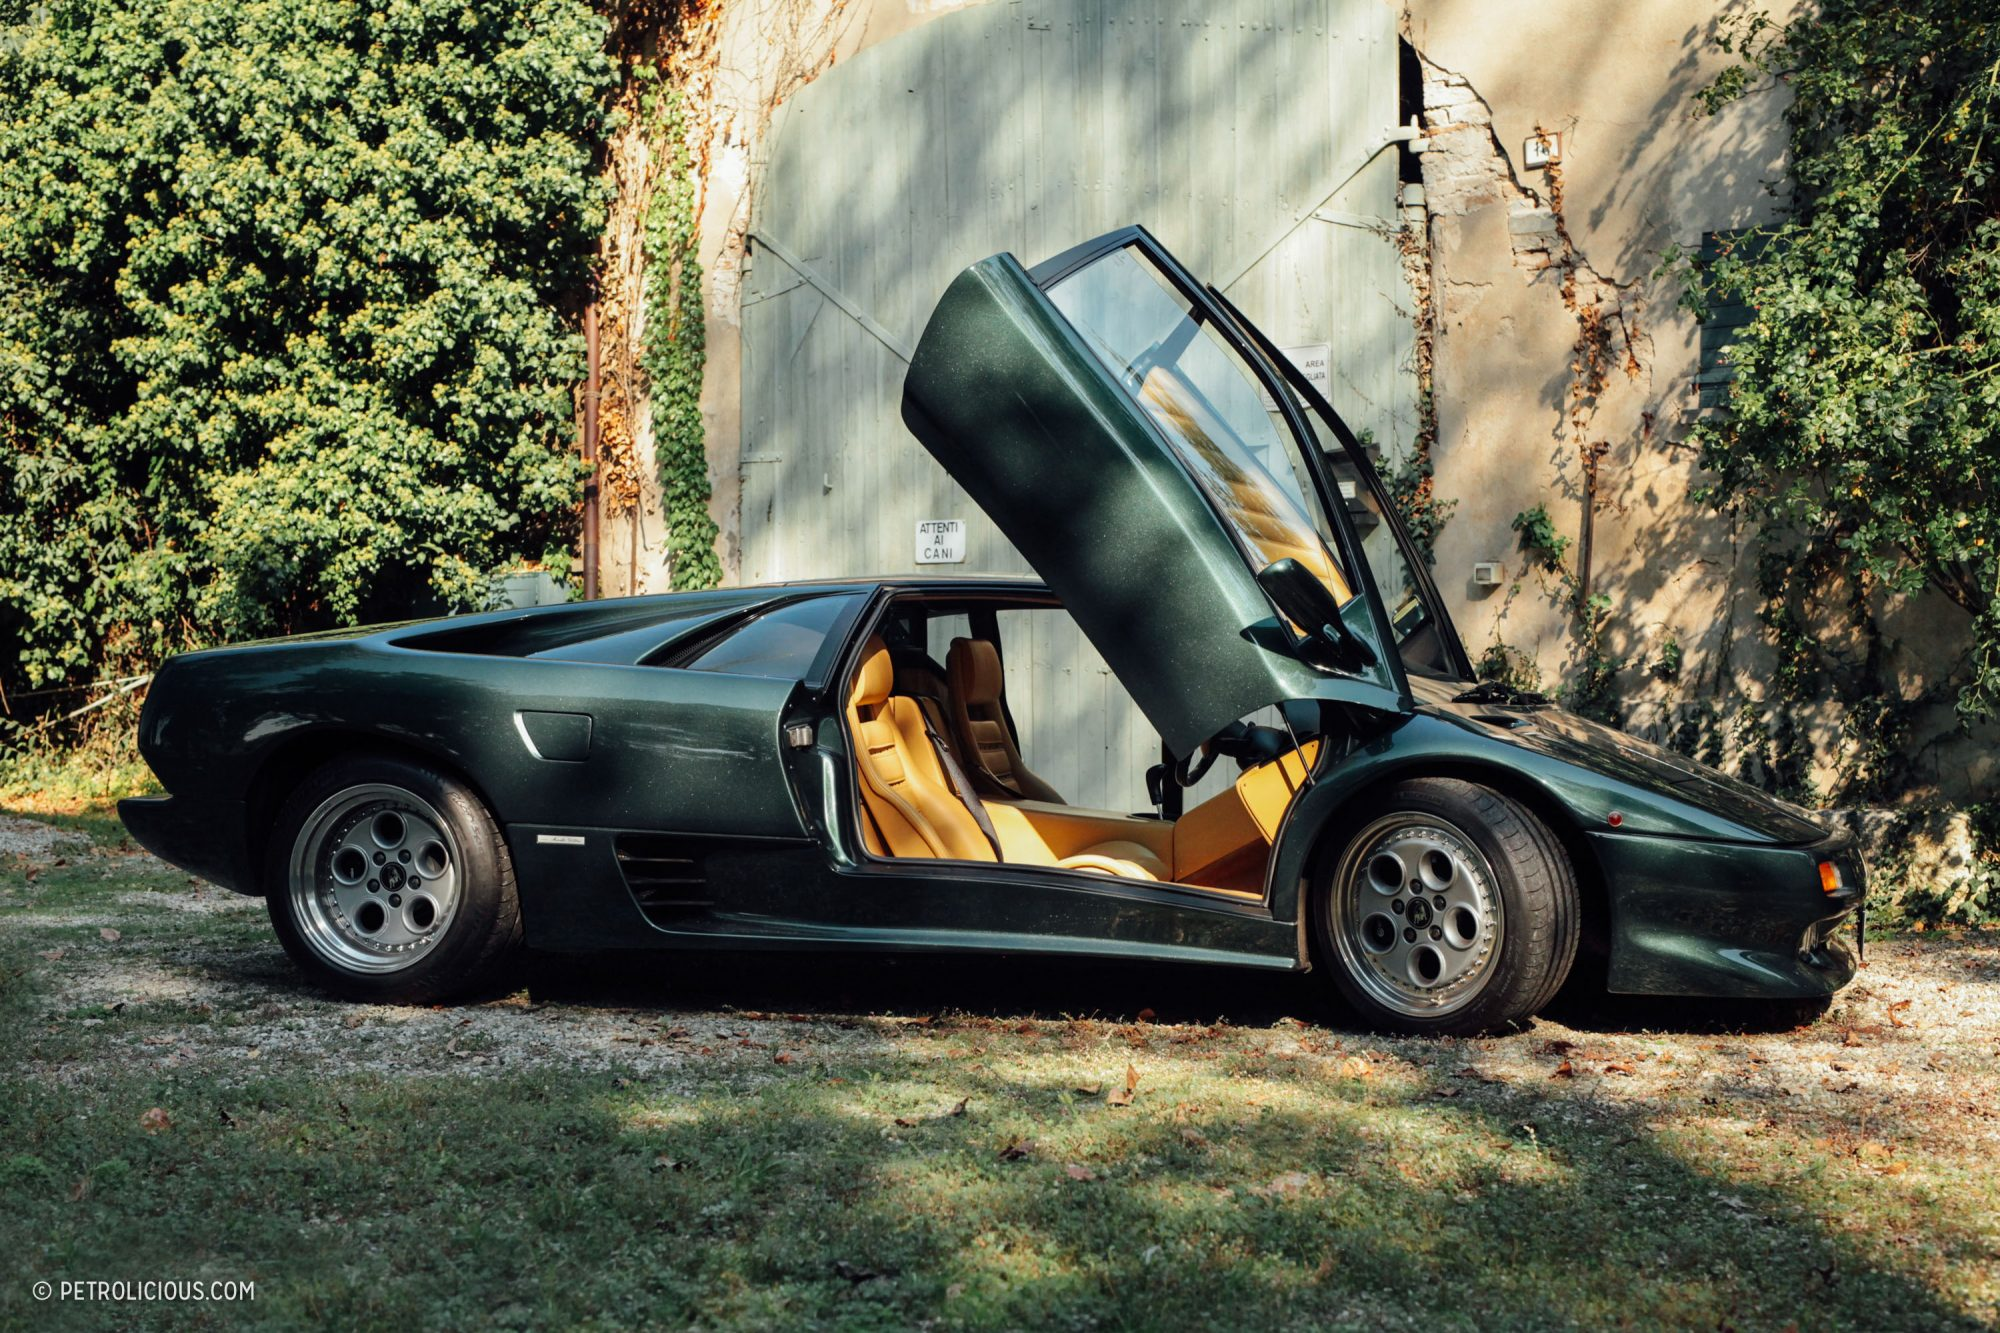 Marco-Annunziata-Lamborghini-Diablo-VT-16-2000x1333